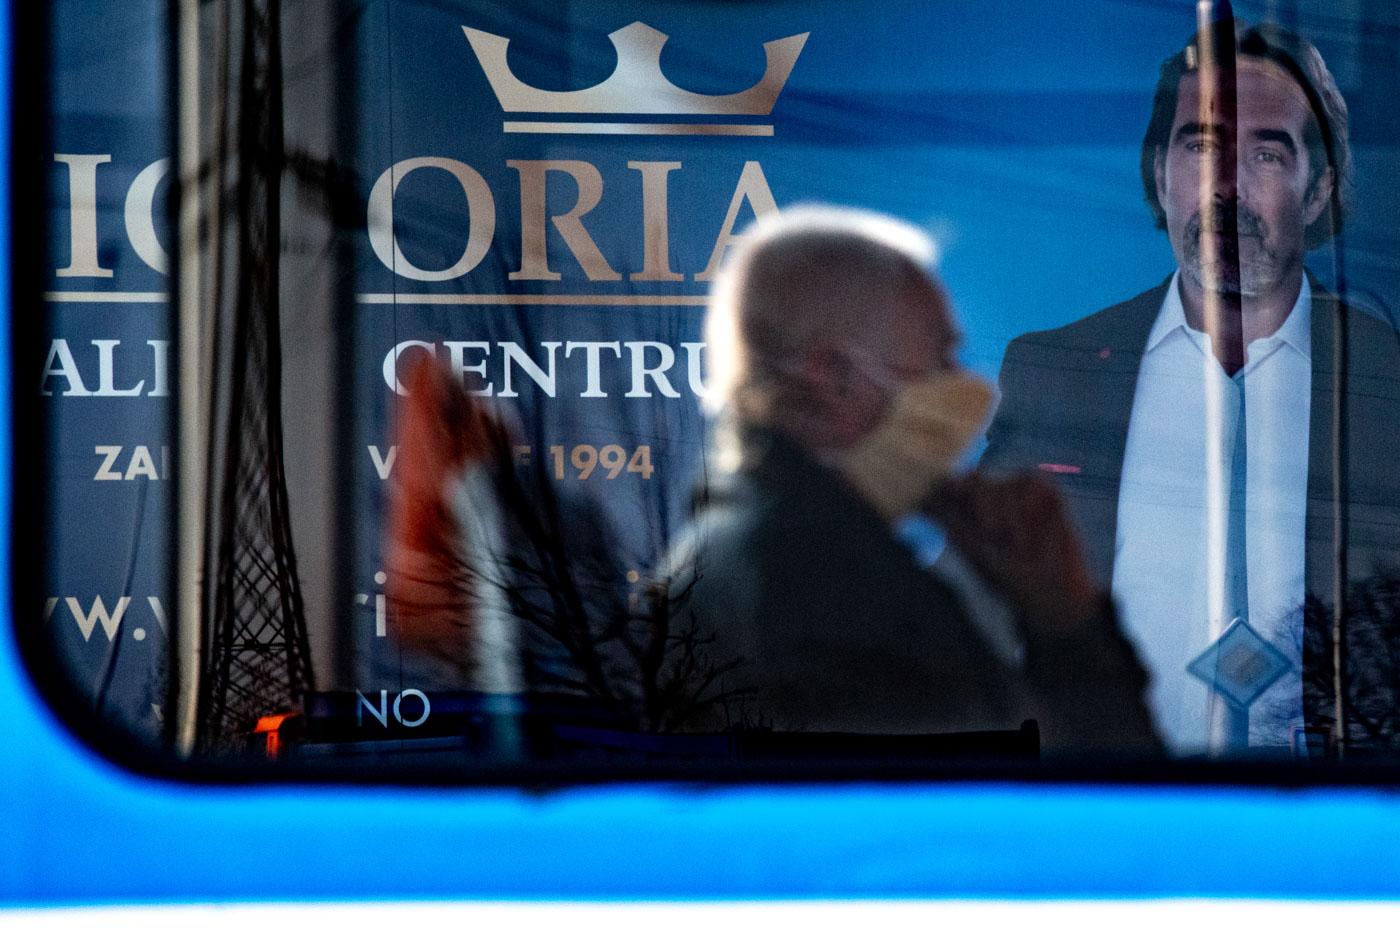 Starší muž s nasazenou rouškou jede v tramvaji. Vláda České republiky vyhlásila karanténu, aby zamezila šíření novému koronavirovému onemocnění. 18. března 2020 v Ostravě. Foto: © Lukáš Ston/Moravskoslezský deník.